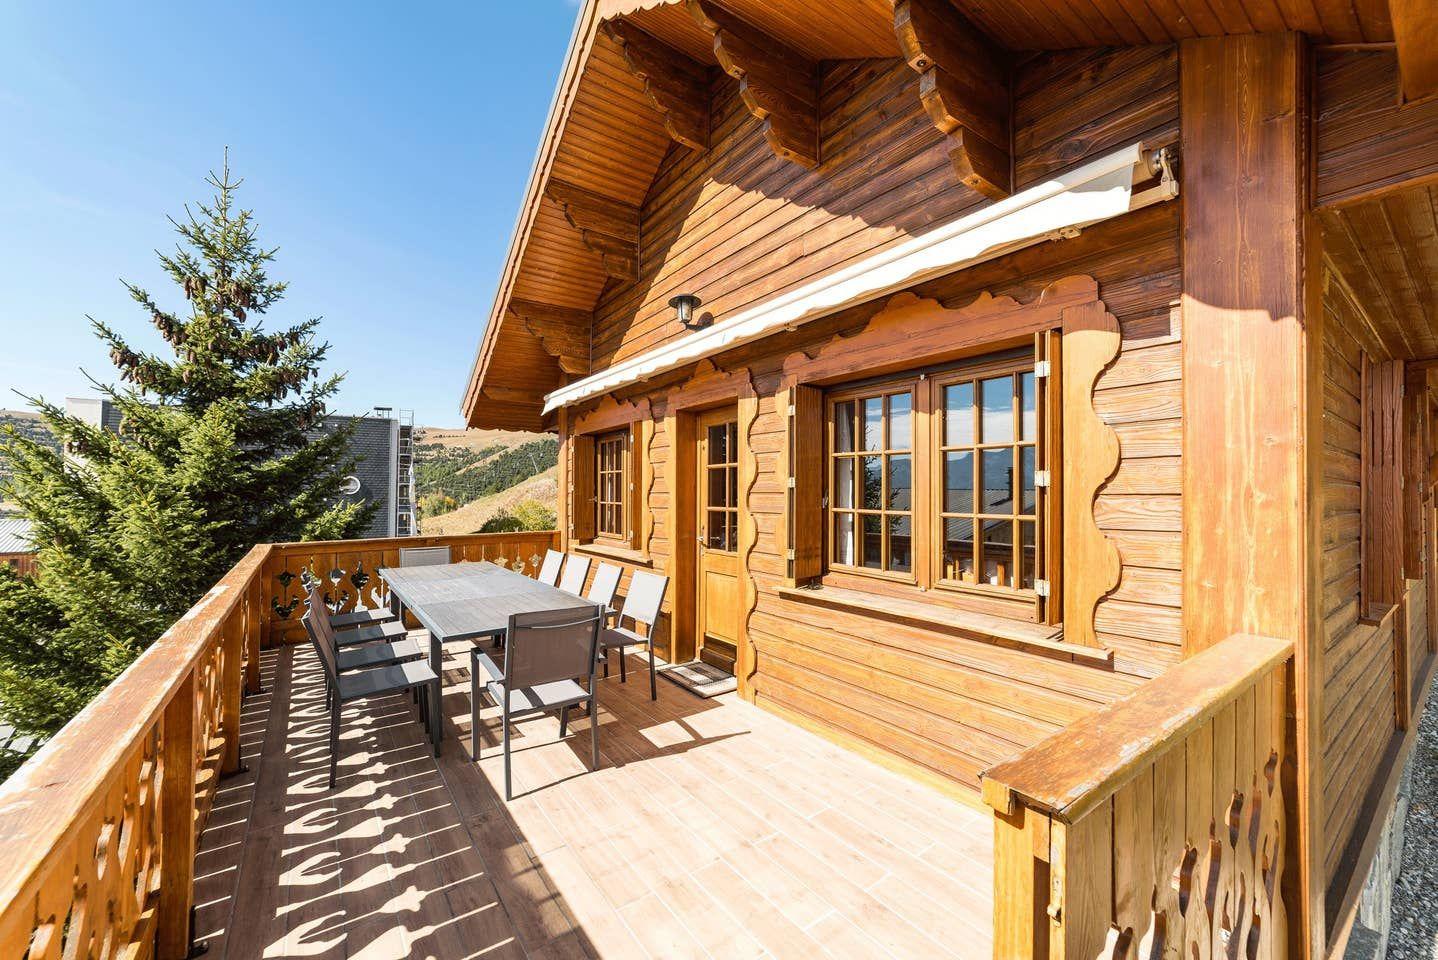 Location L Alpe D Huez Airbnb Chalet A L Alpe D Huez Au Pied Des Pistes Pour 10 Personnes Iziva Com Chalet Location Chalet Montagne Location Chalet